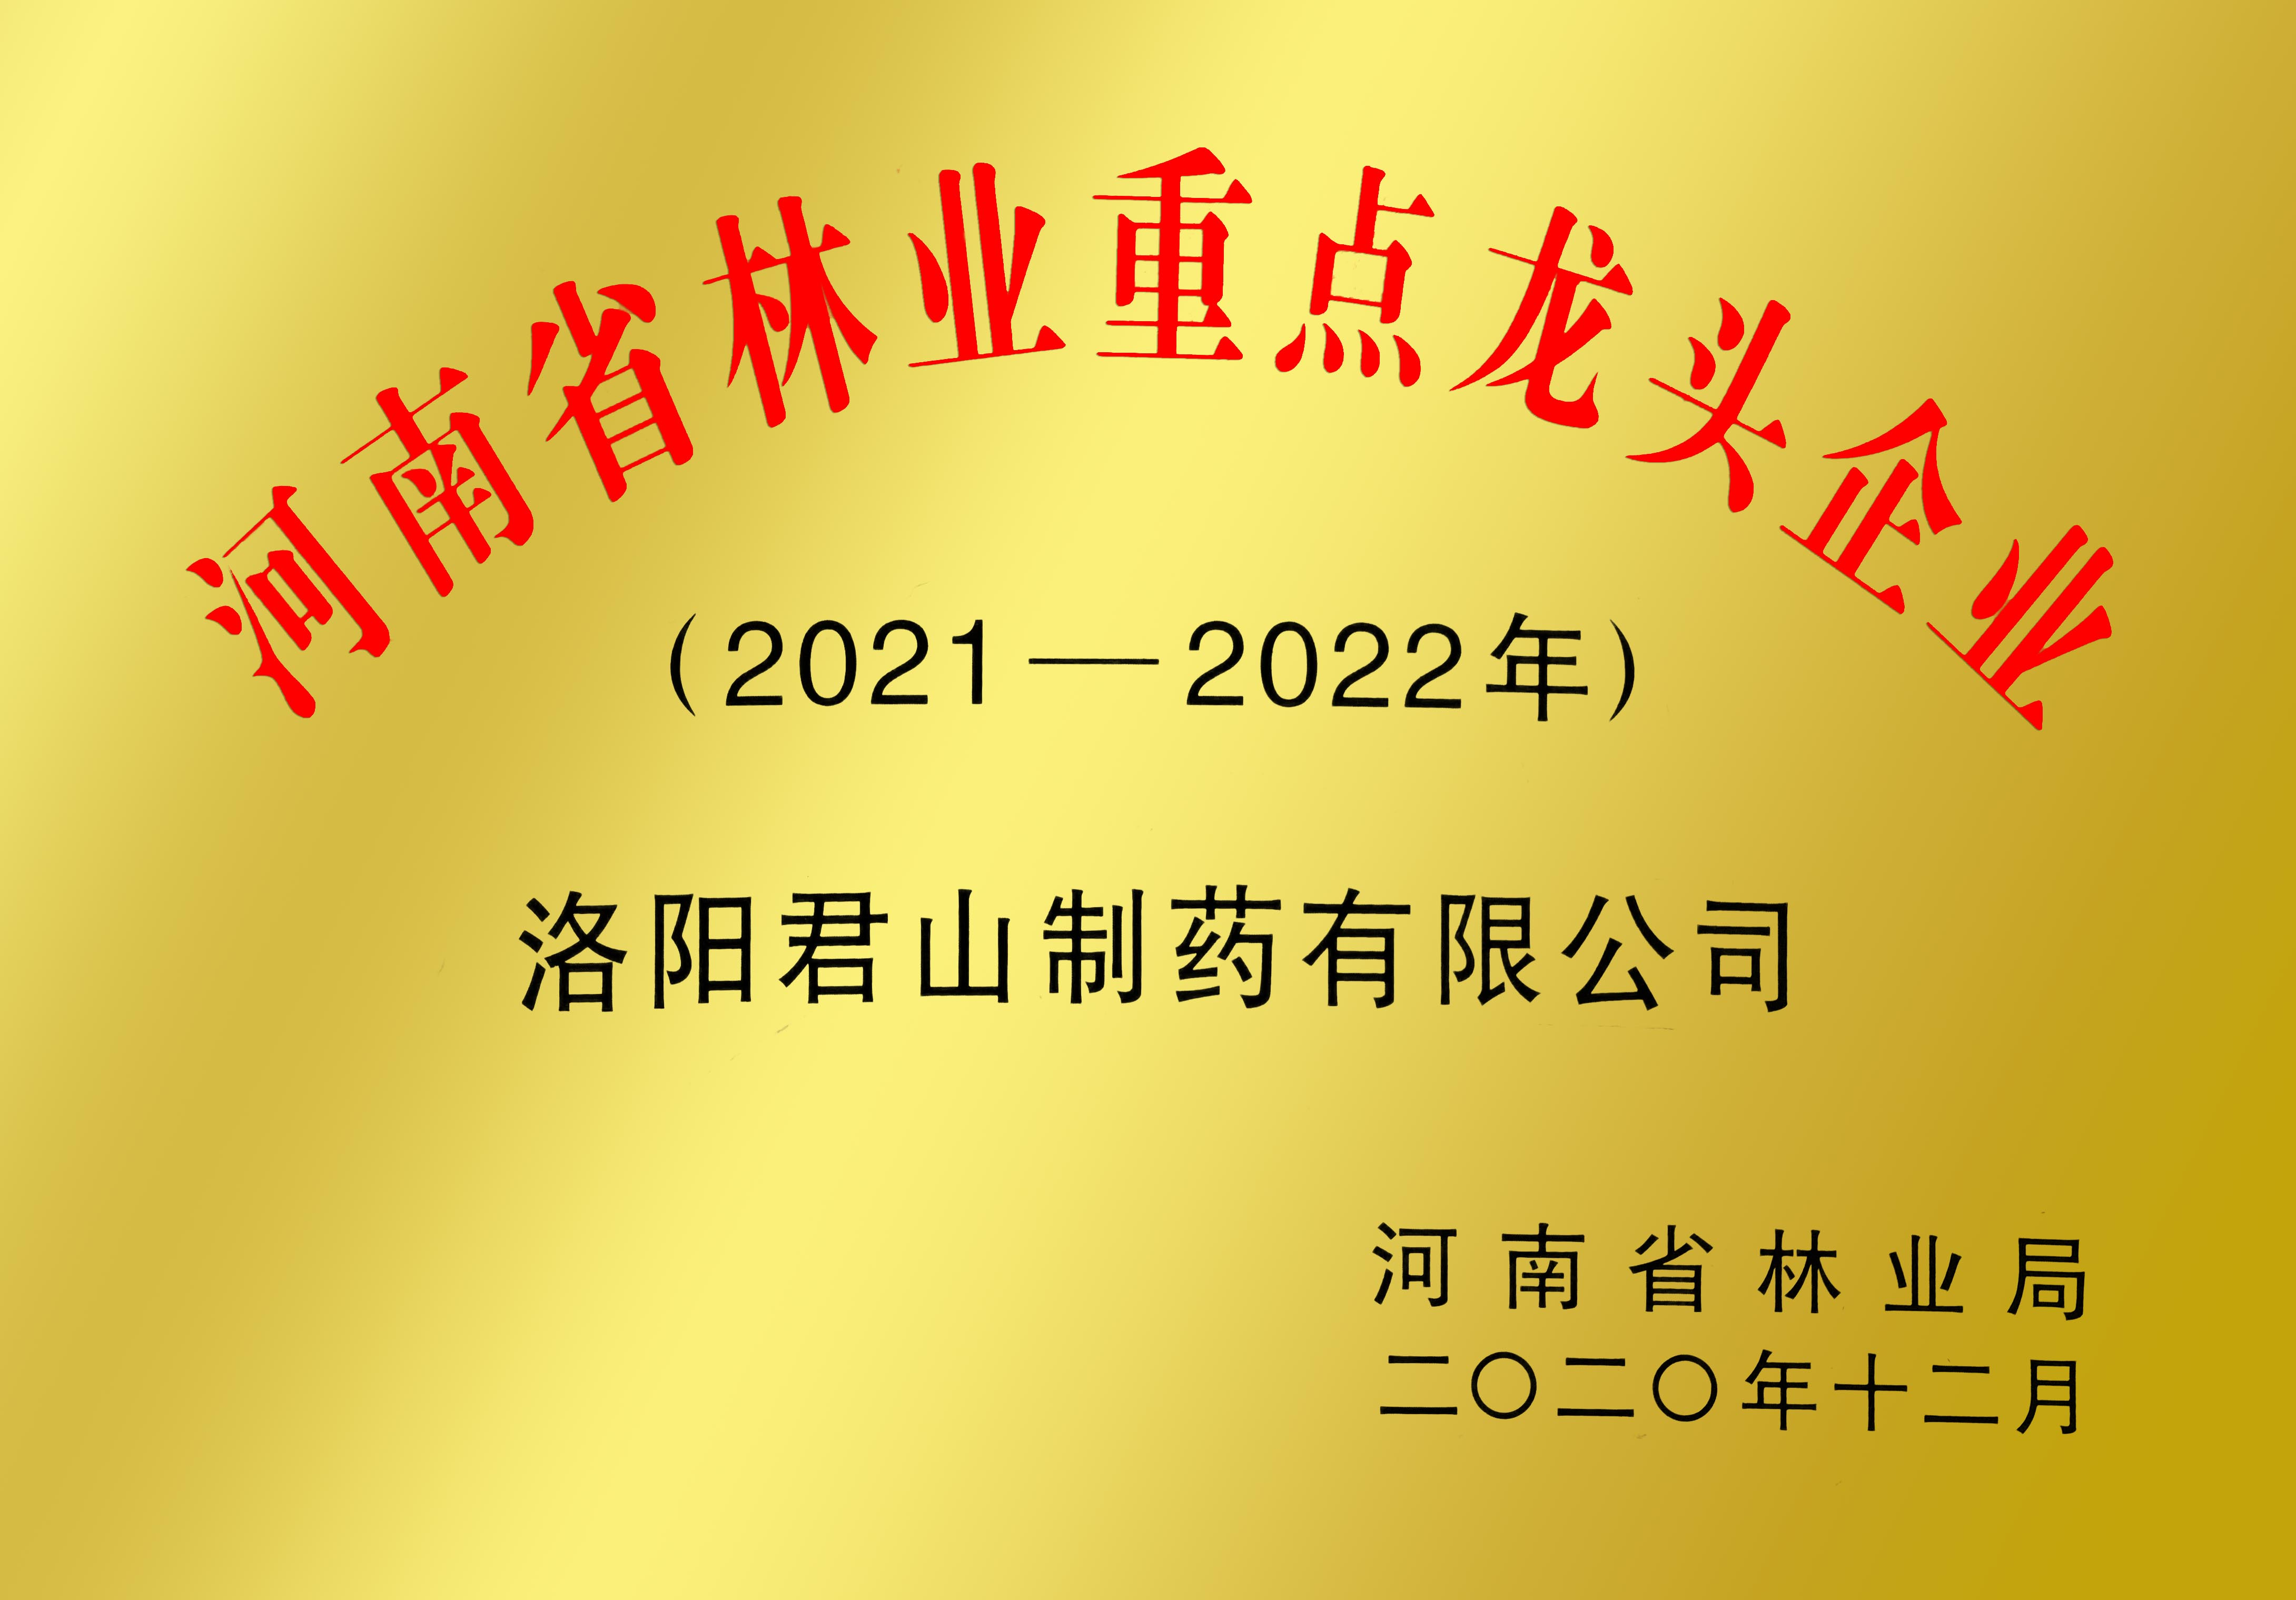 河南省林业重点龙头企业